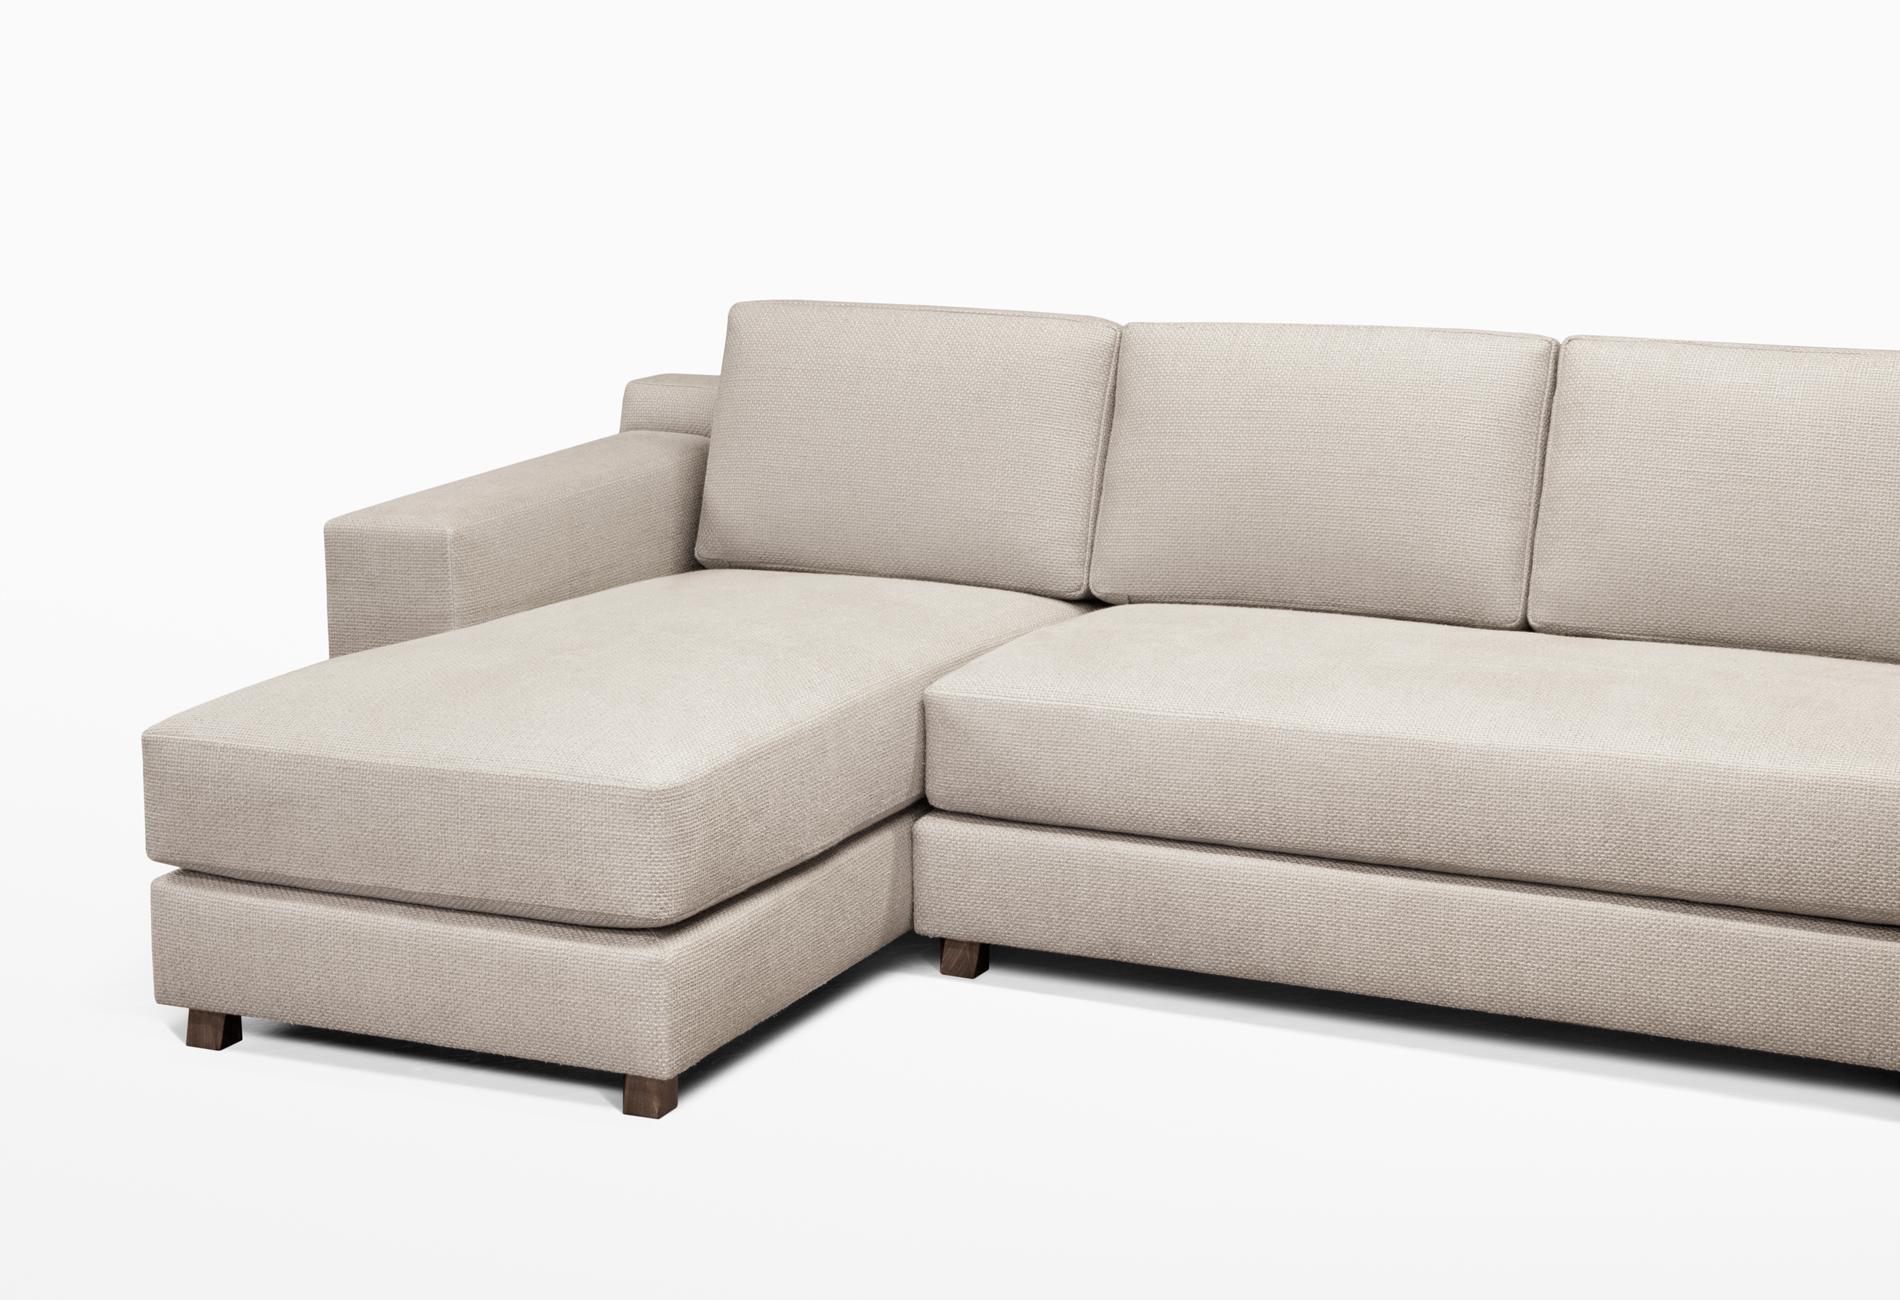 CMS Living Room Sectional (1).jpg